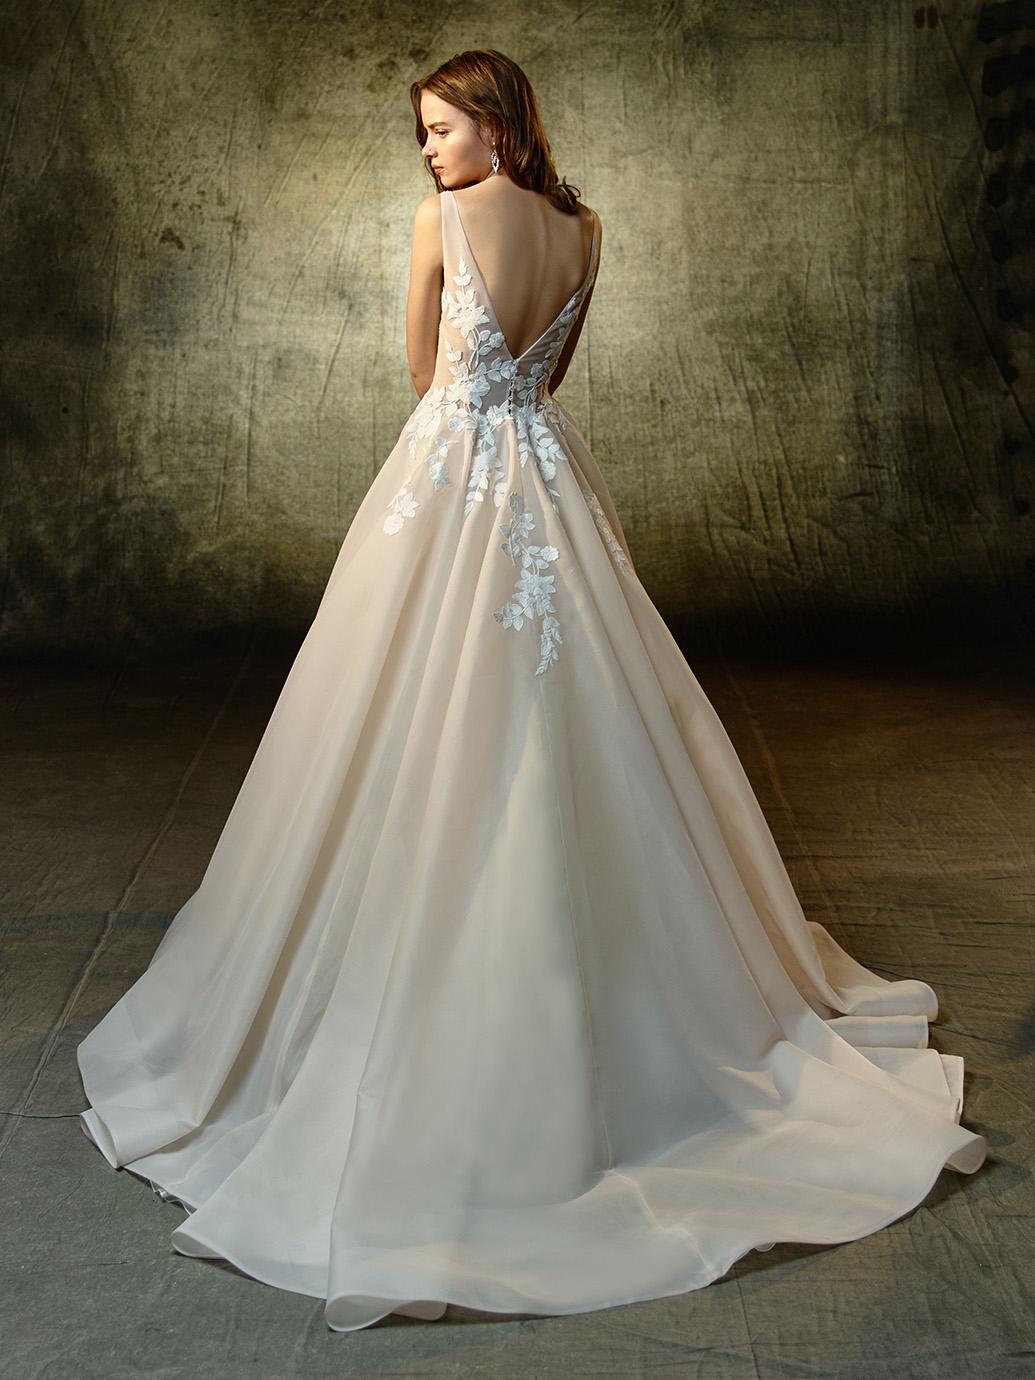 Enzoani Wedding Dress Lennox Organza wedding dress Aline wedding dress Vneck wedding dress